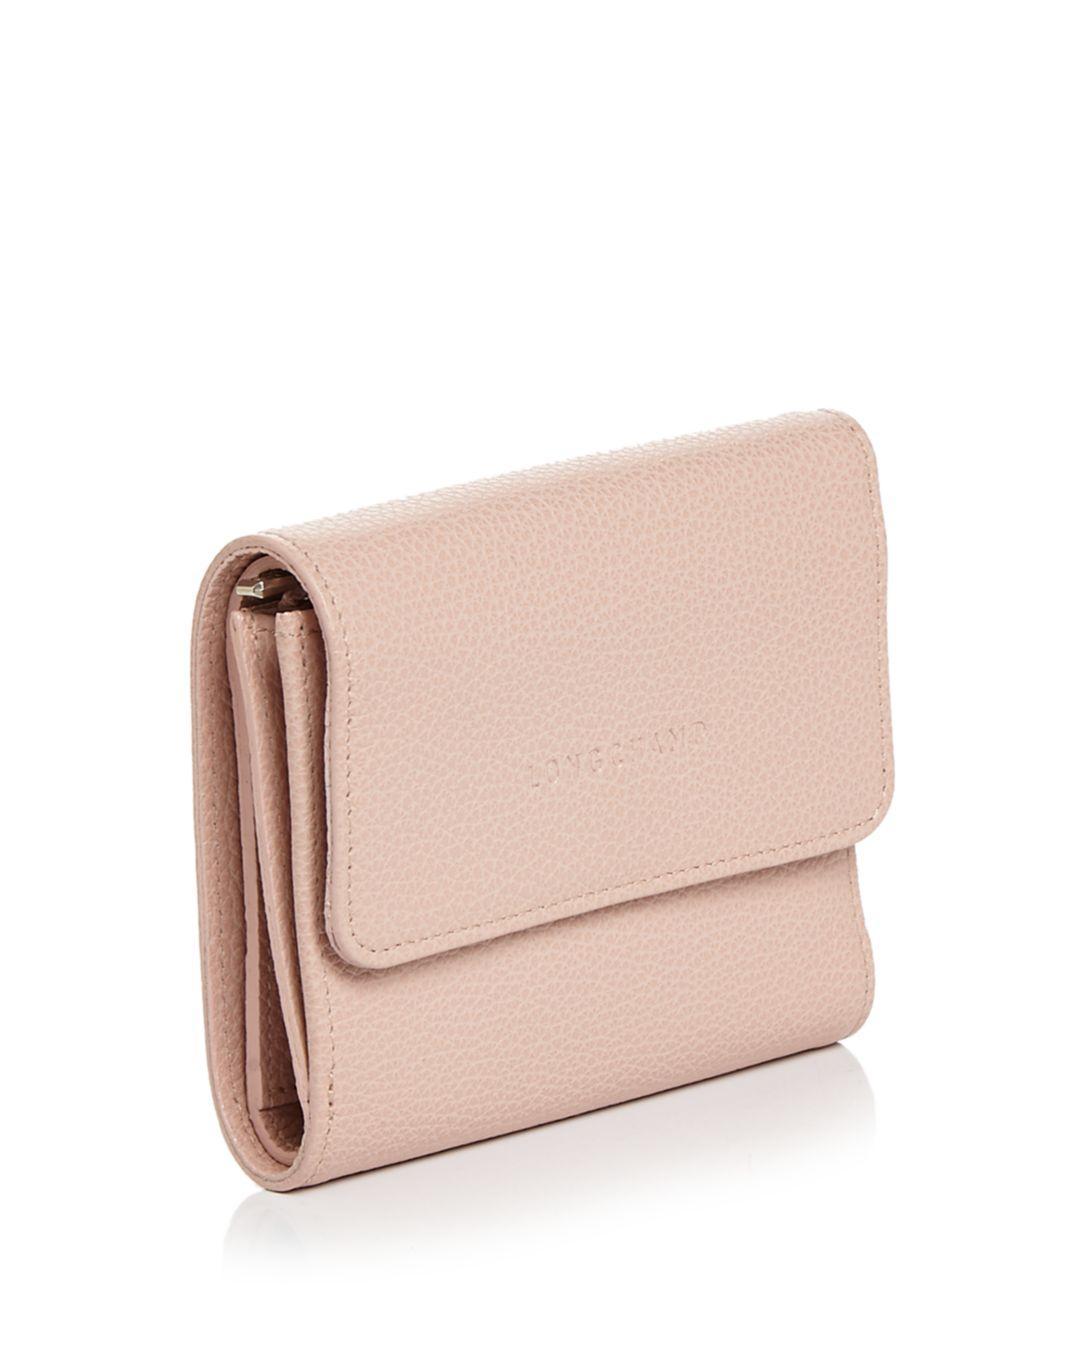 Le Foulonné Leather Compact Wallet